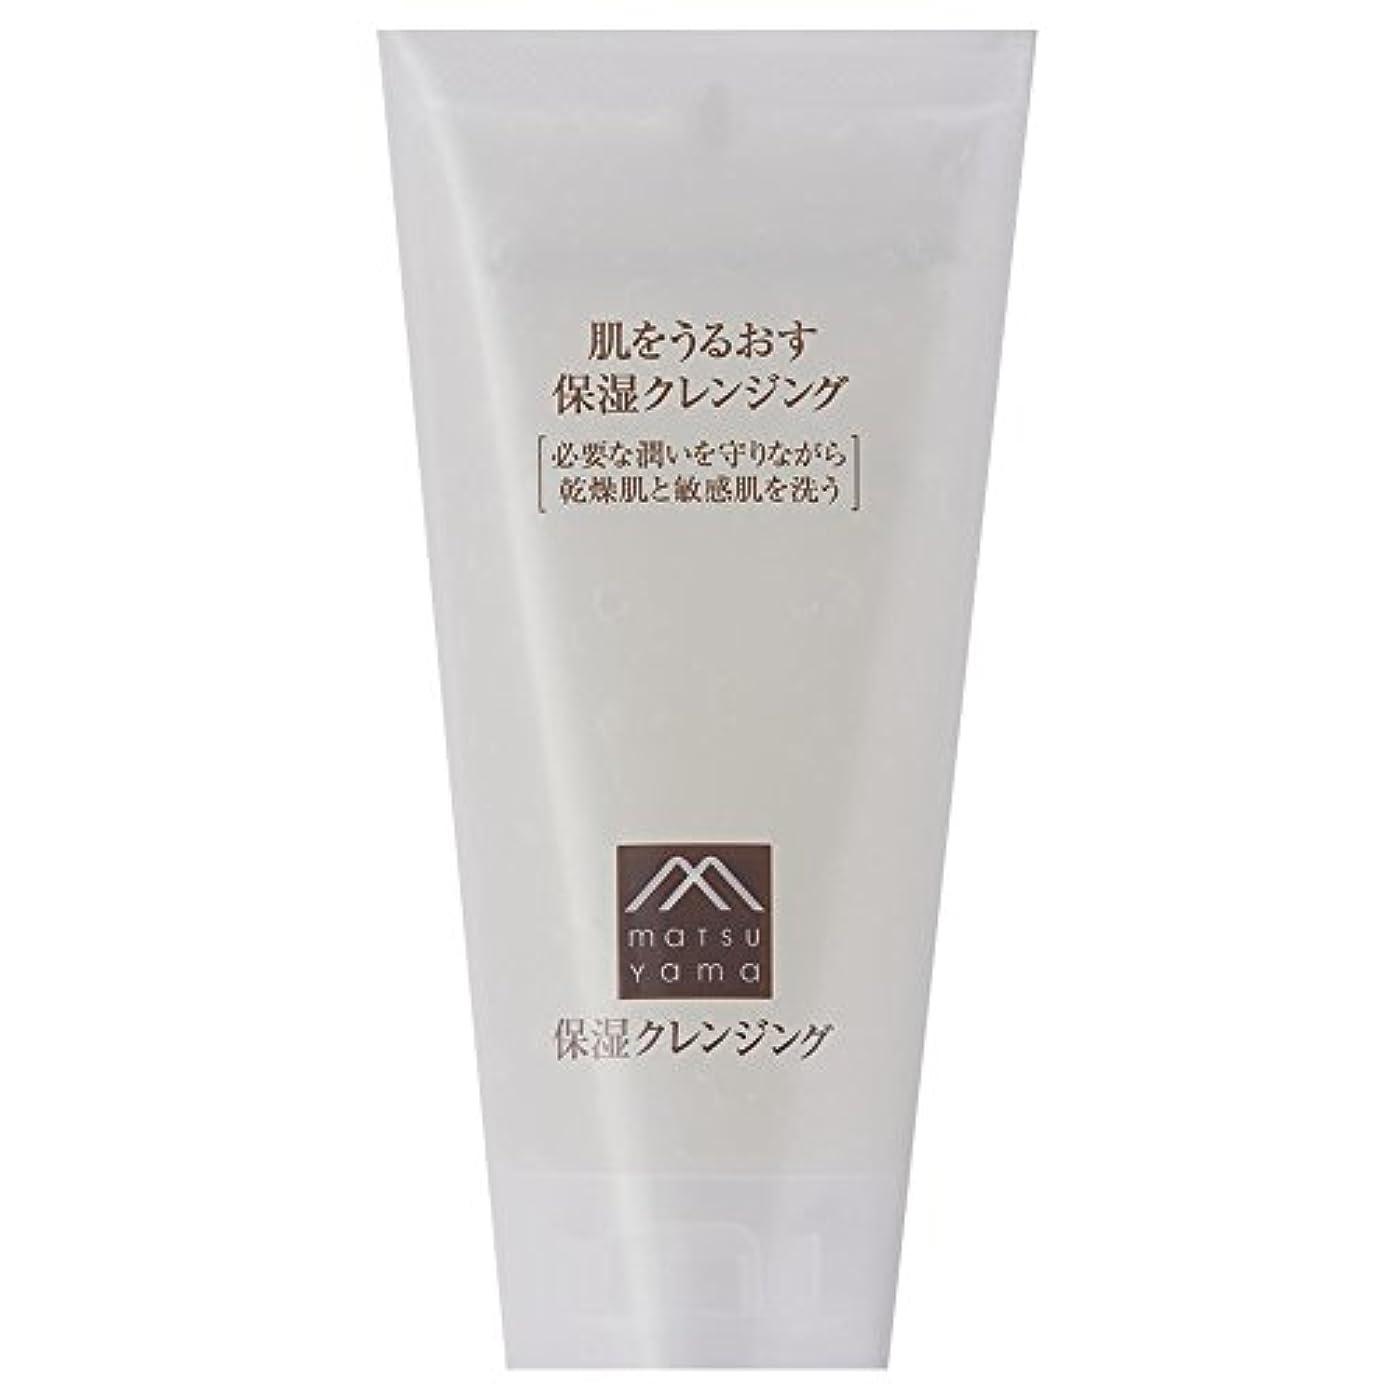 慢殺す詳細な肌をうるおす保湿クレンジング(メイク落とし) 保湿 乾燥肌 敏感肌